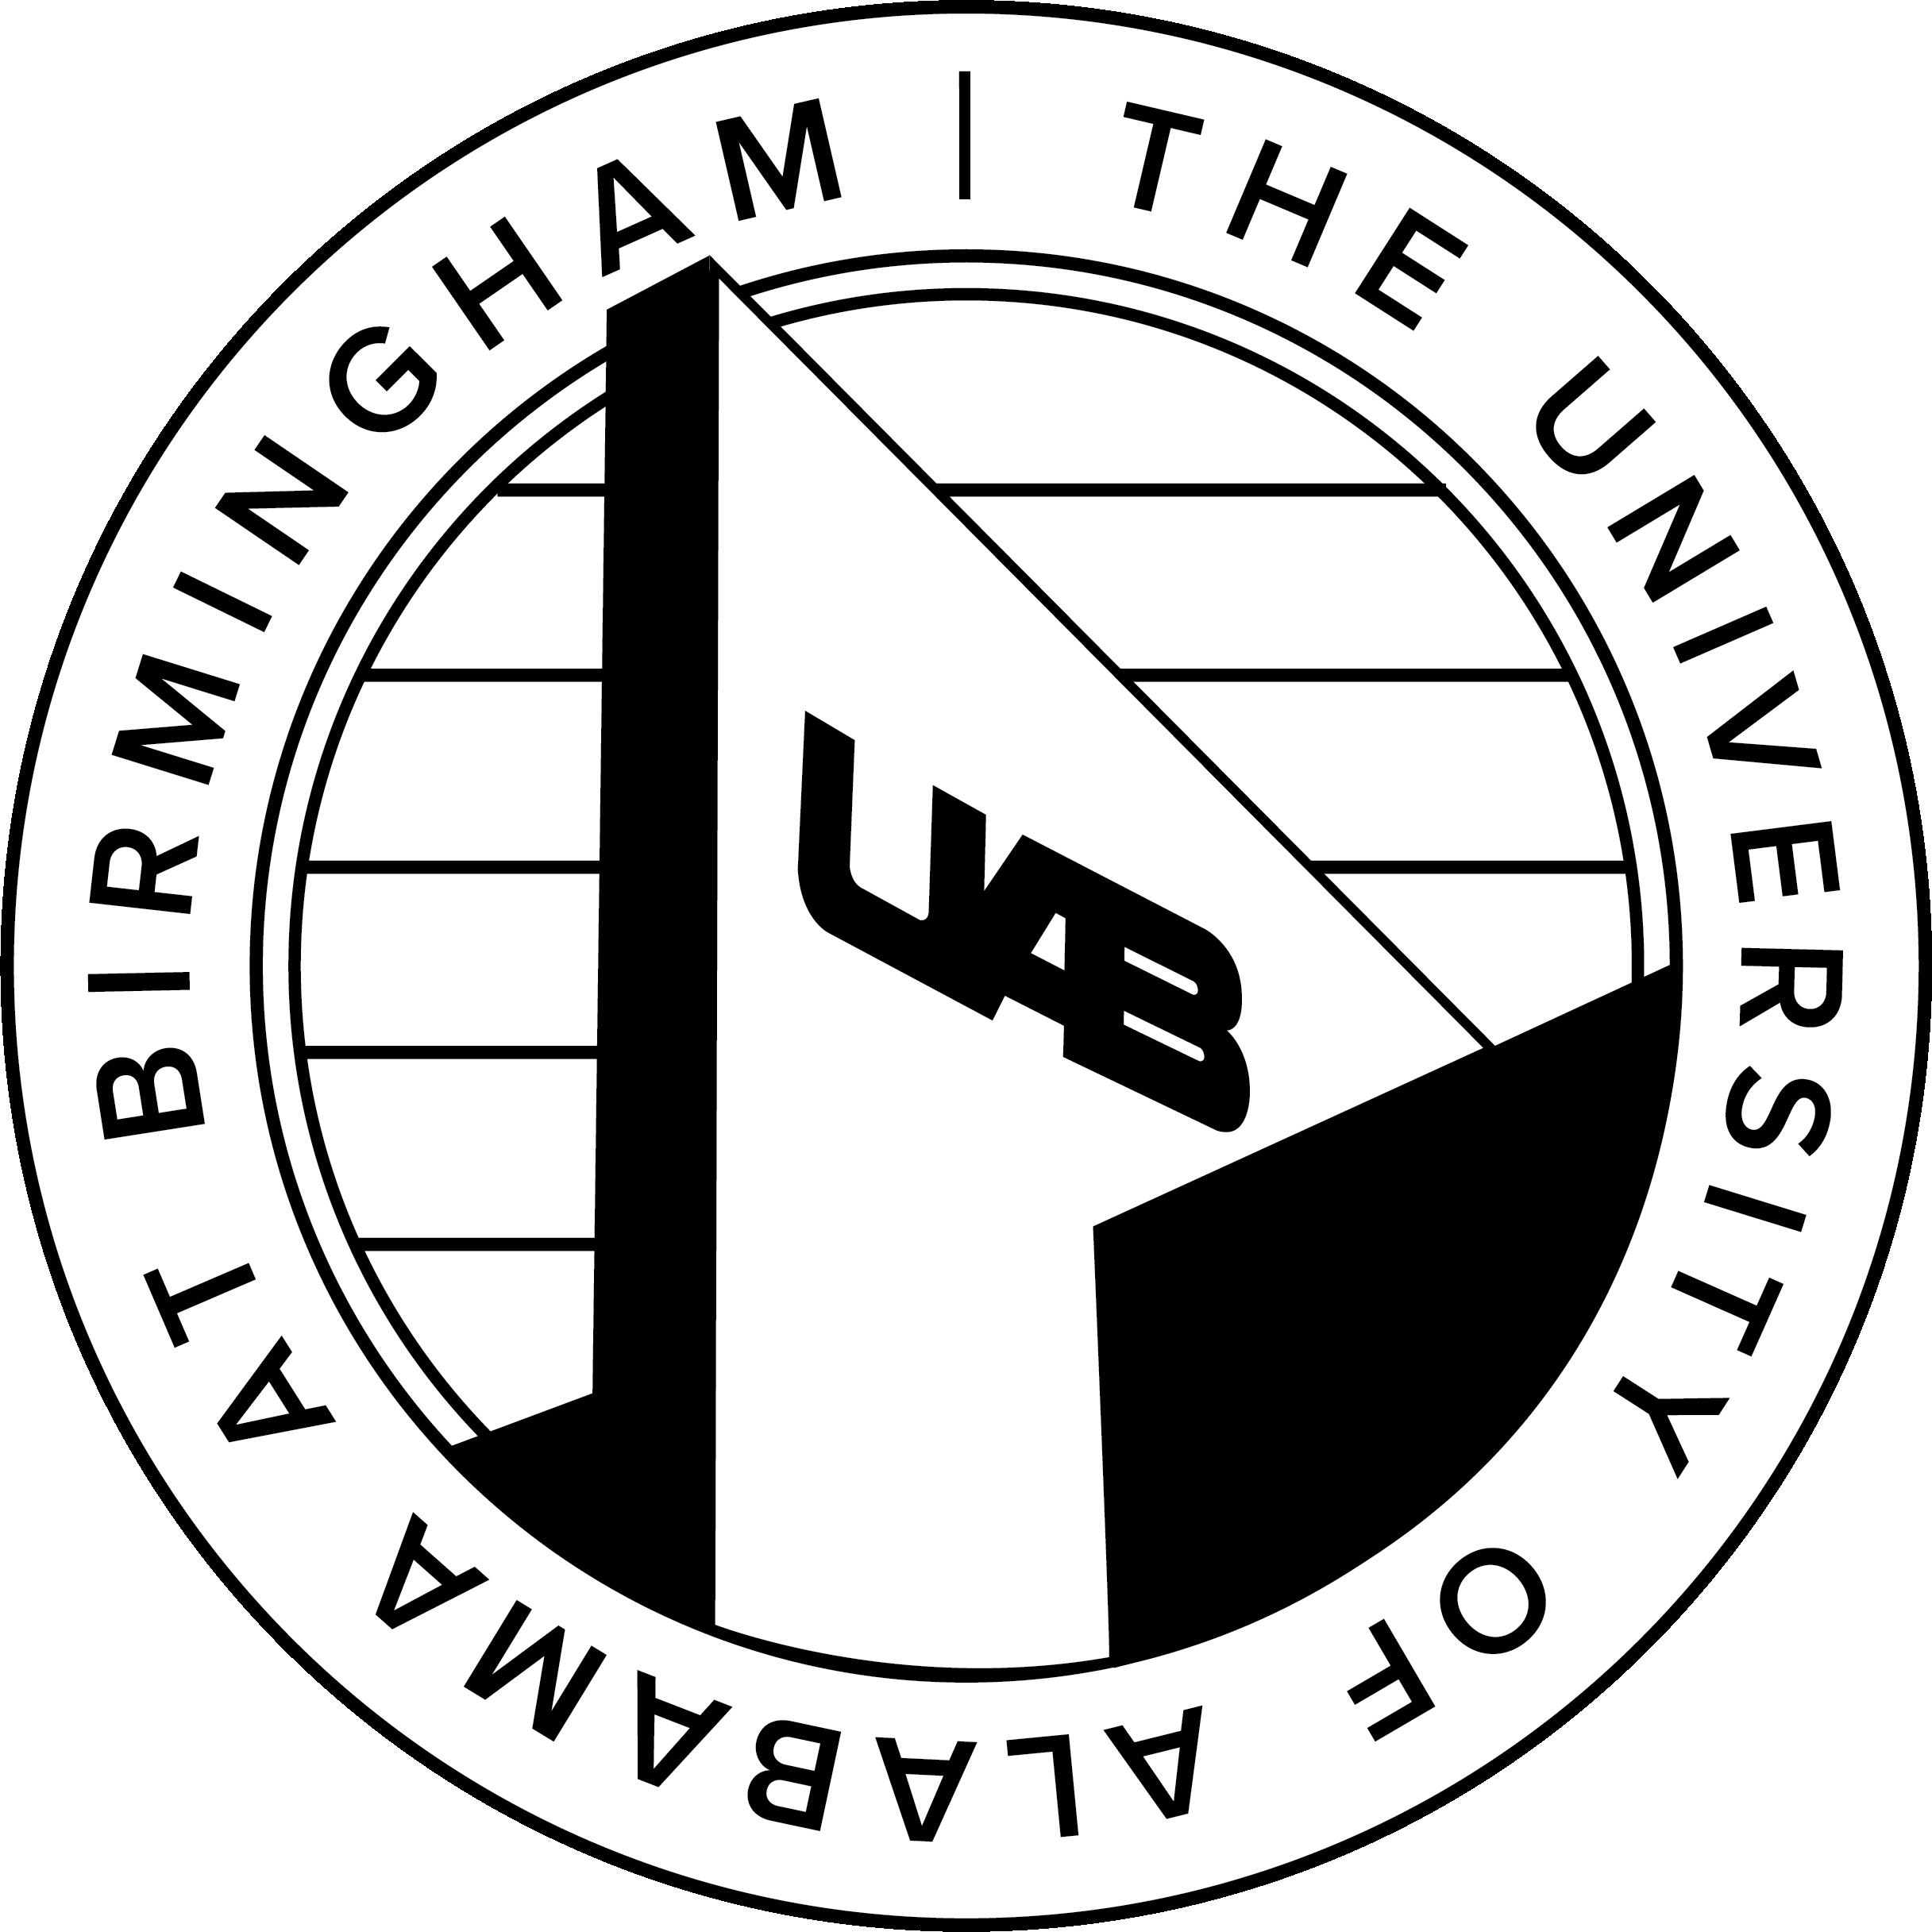 UAB - Toolkit - Download Logos